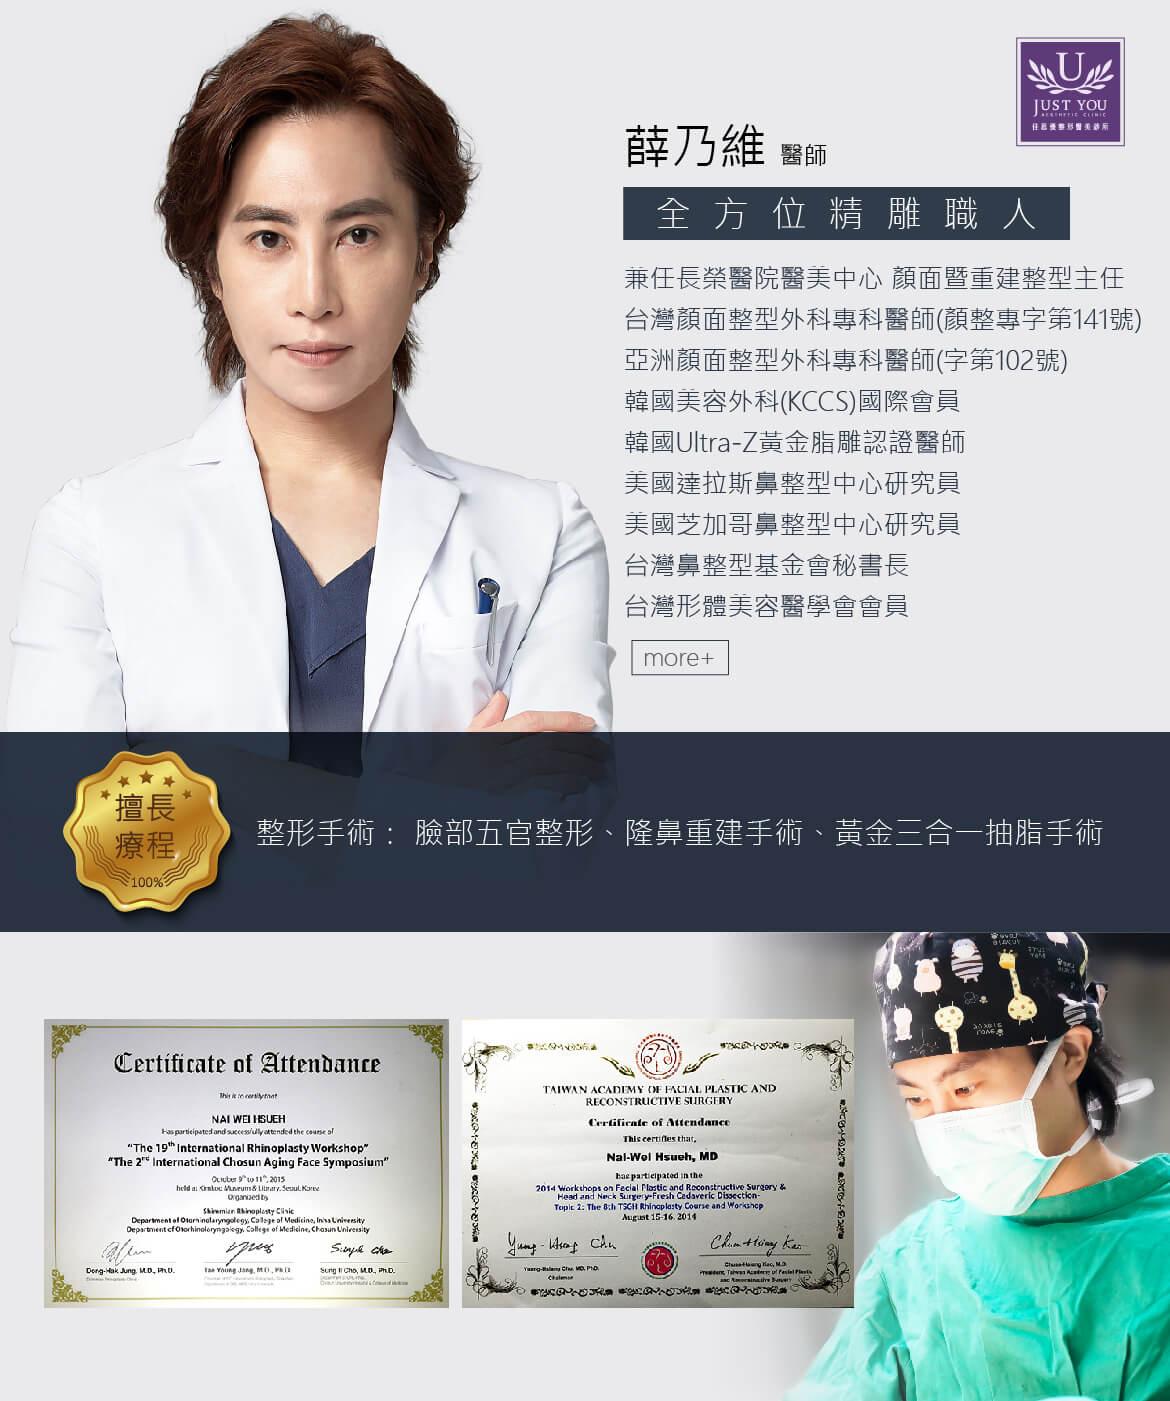 威塑抽脂手術-薛乃維 醫師